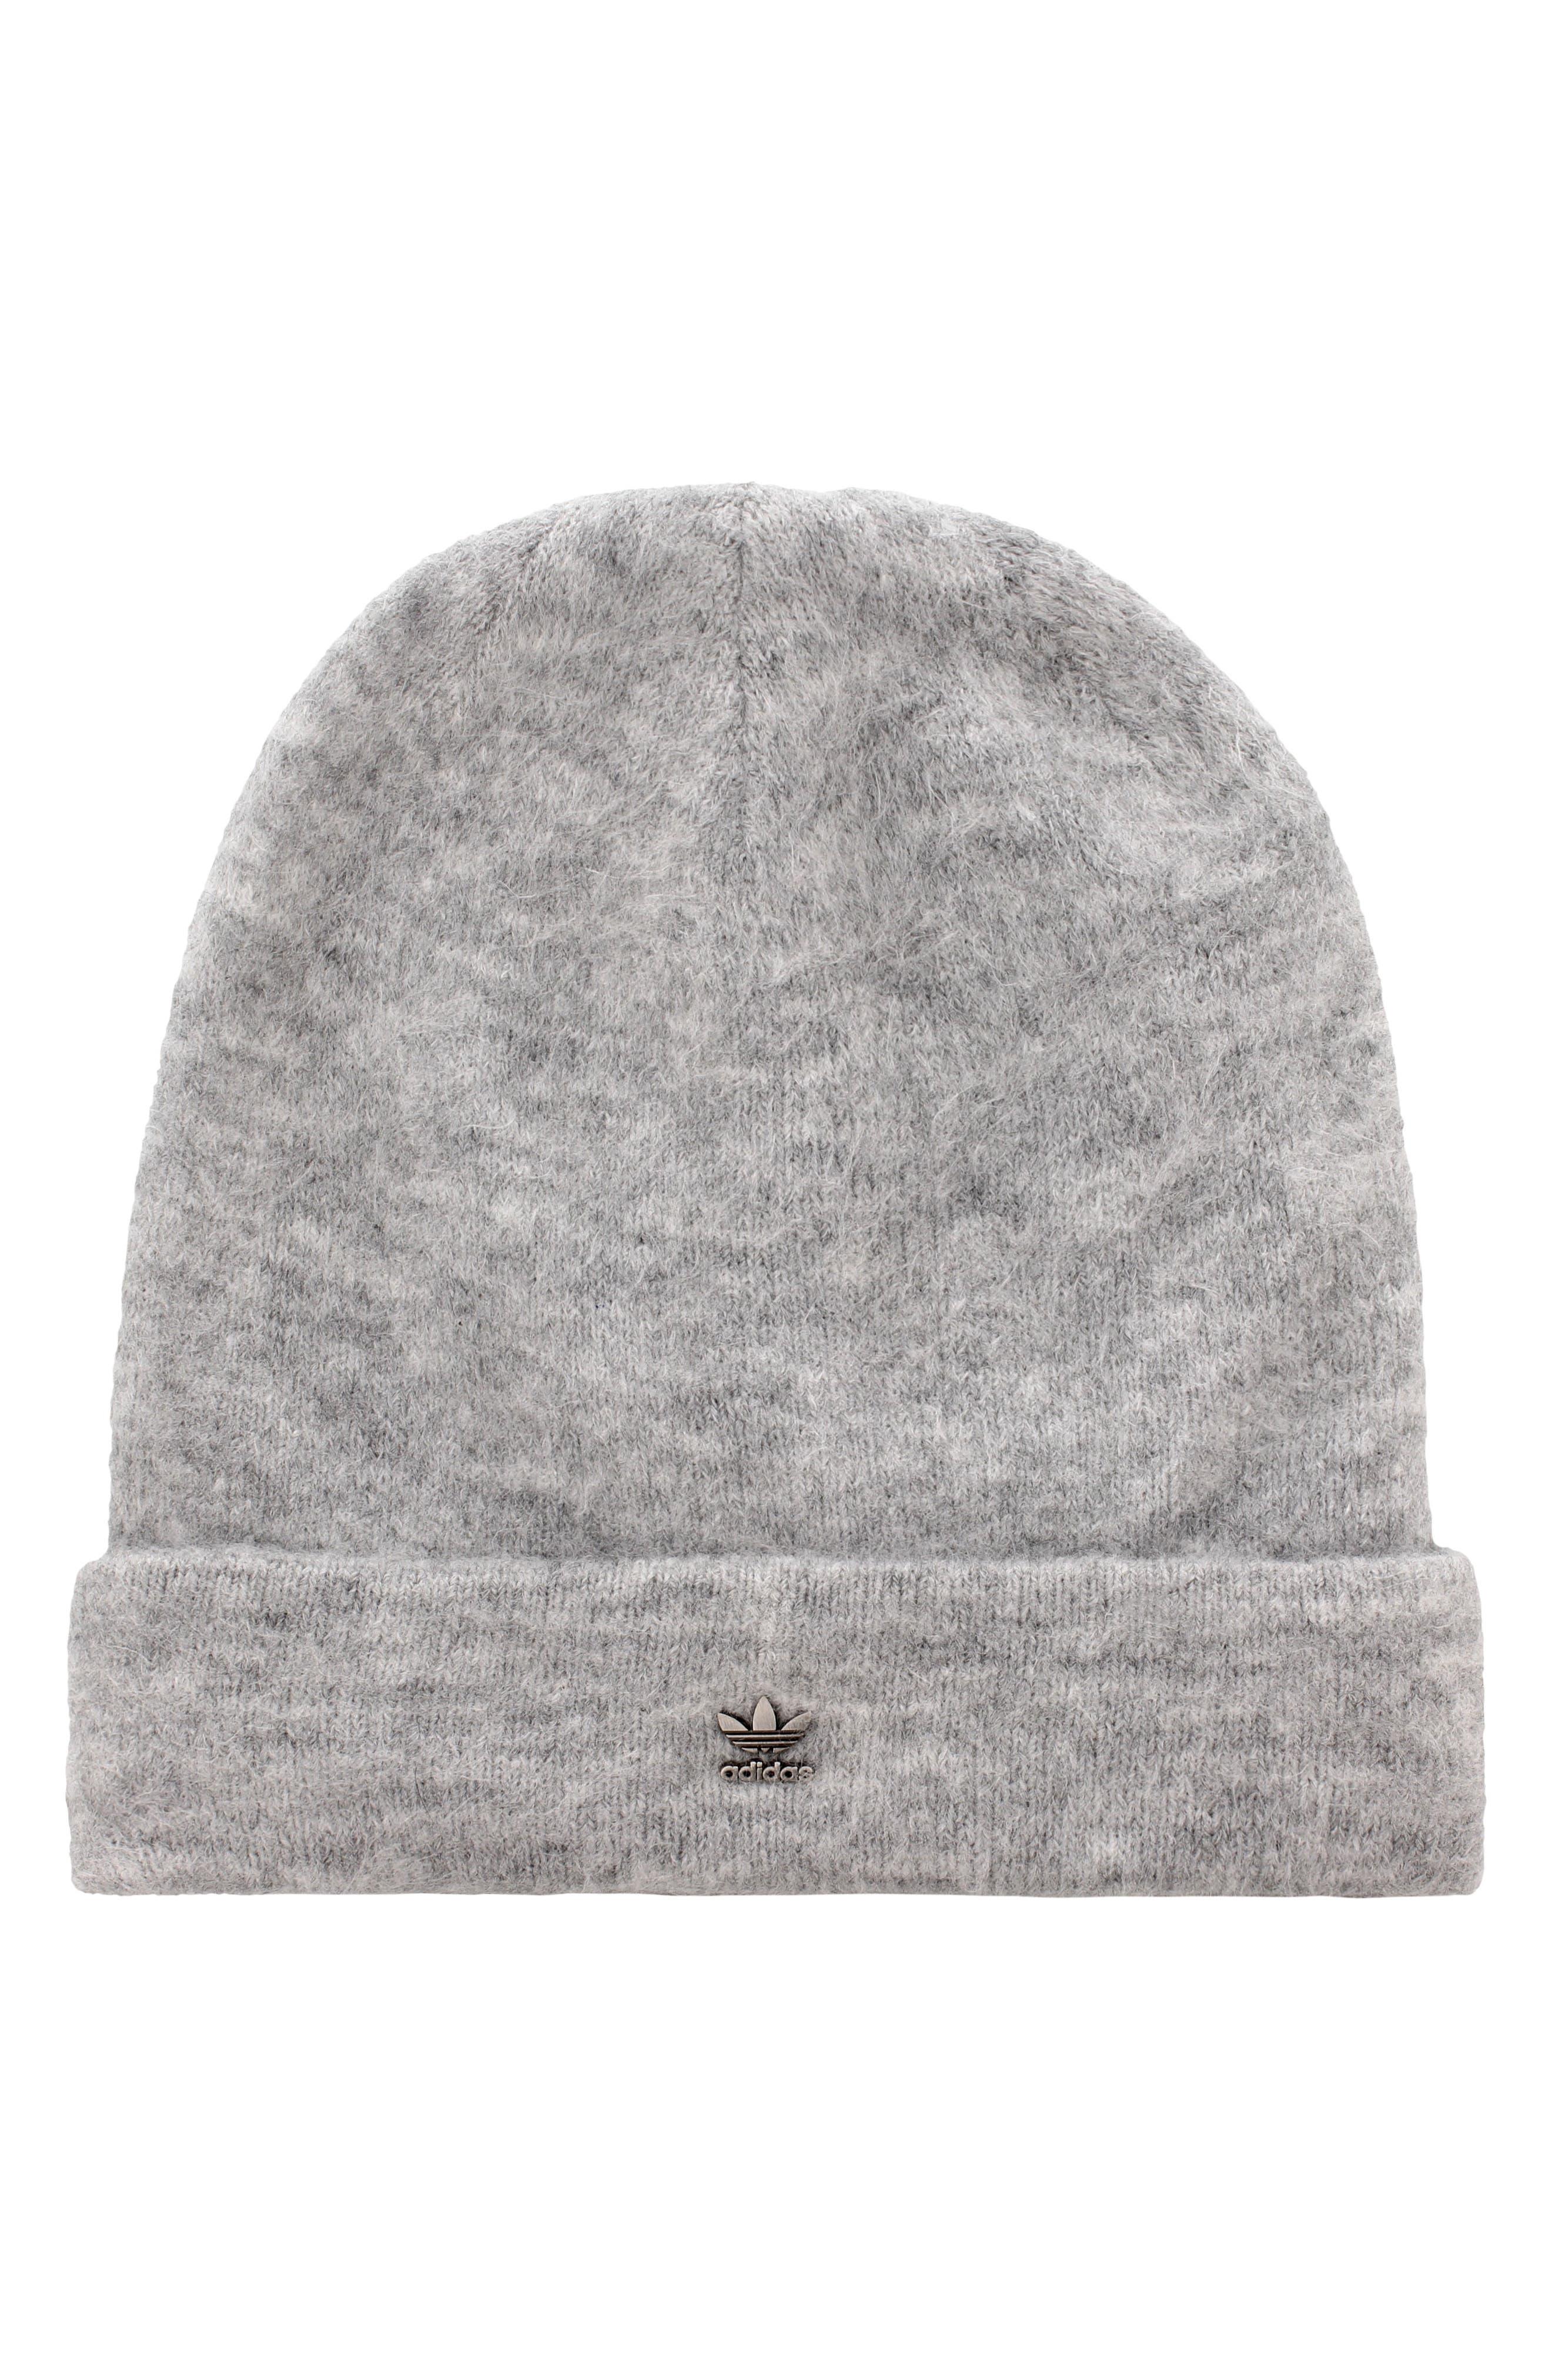 Adidas Originals Fuzzy Beanie Hat - Grey